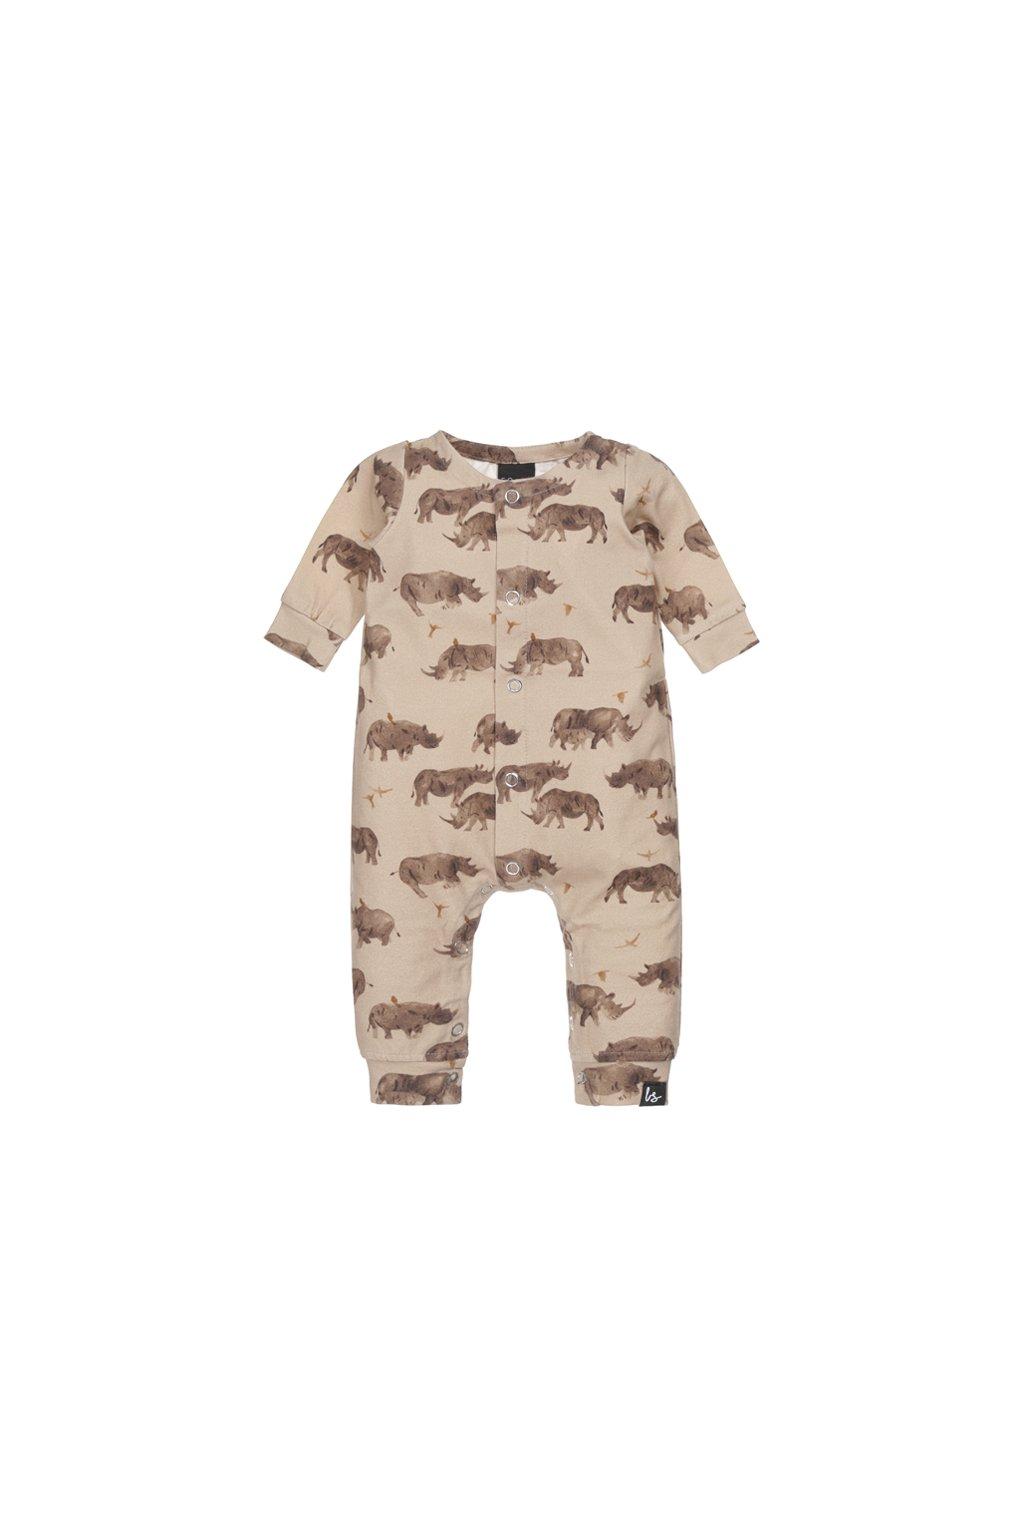 babystyling onesie 1 1 2